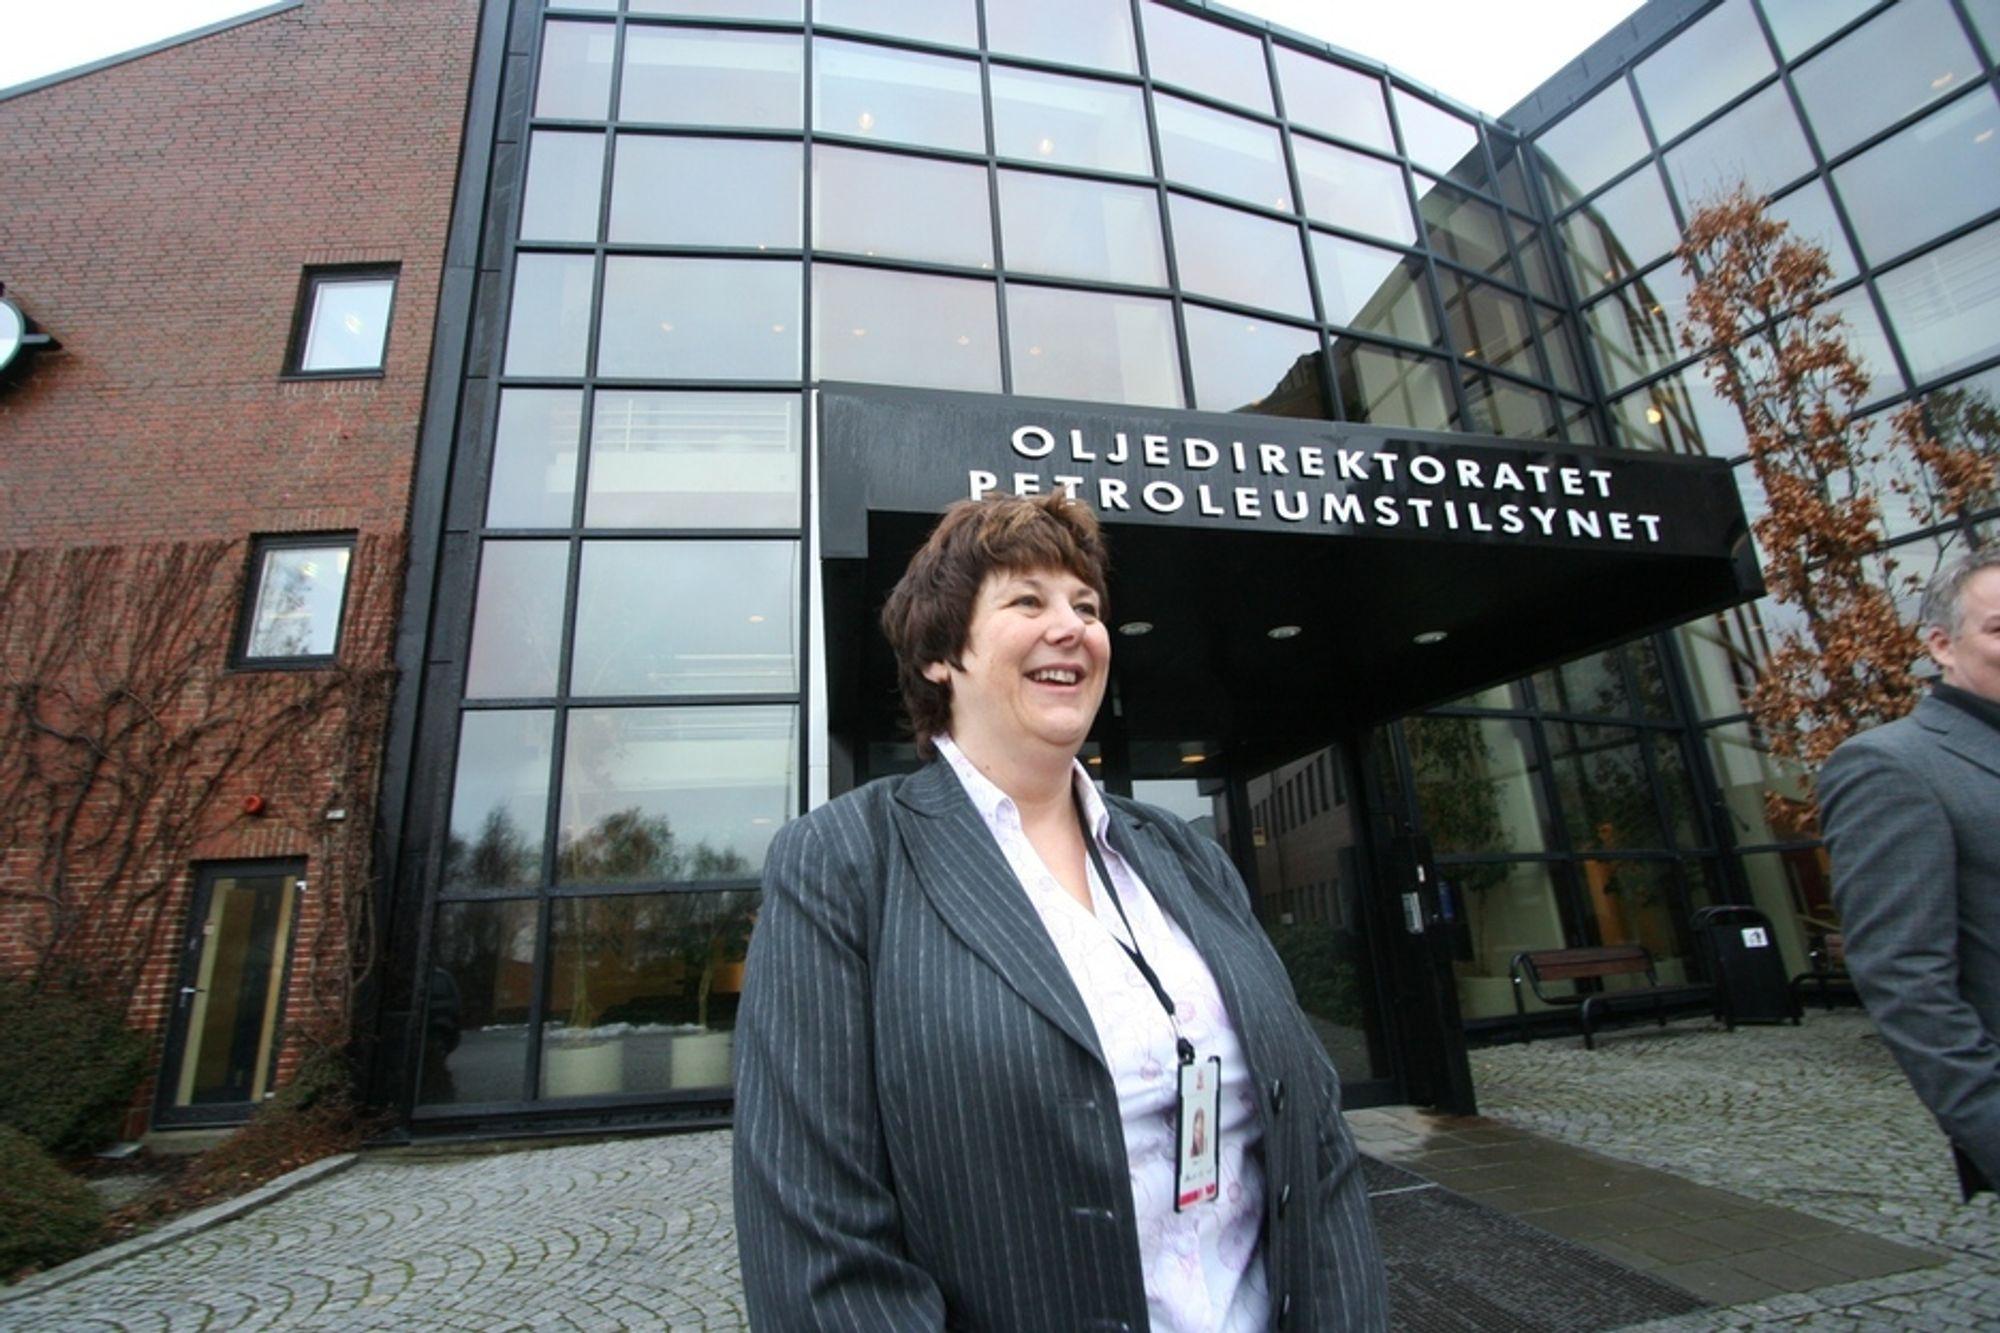 INGEN PRISUTDELING: Oljedirektør Bente Nylad og hennes stab fant ingen verdige kandidater for årets IOR-pris.